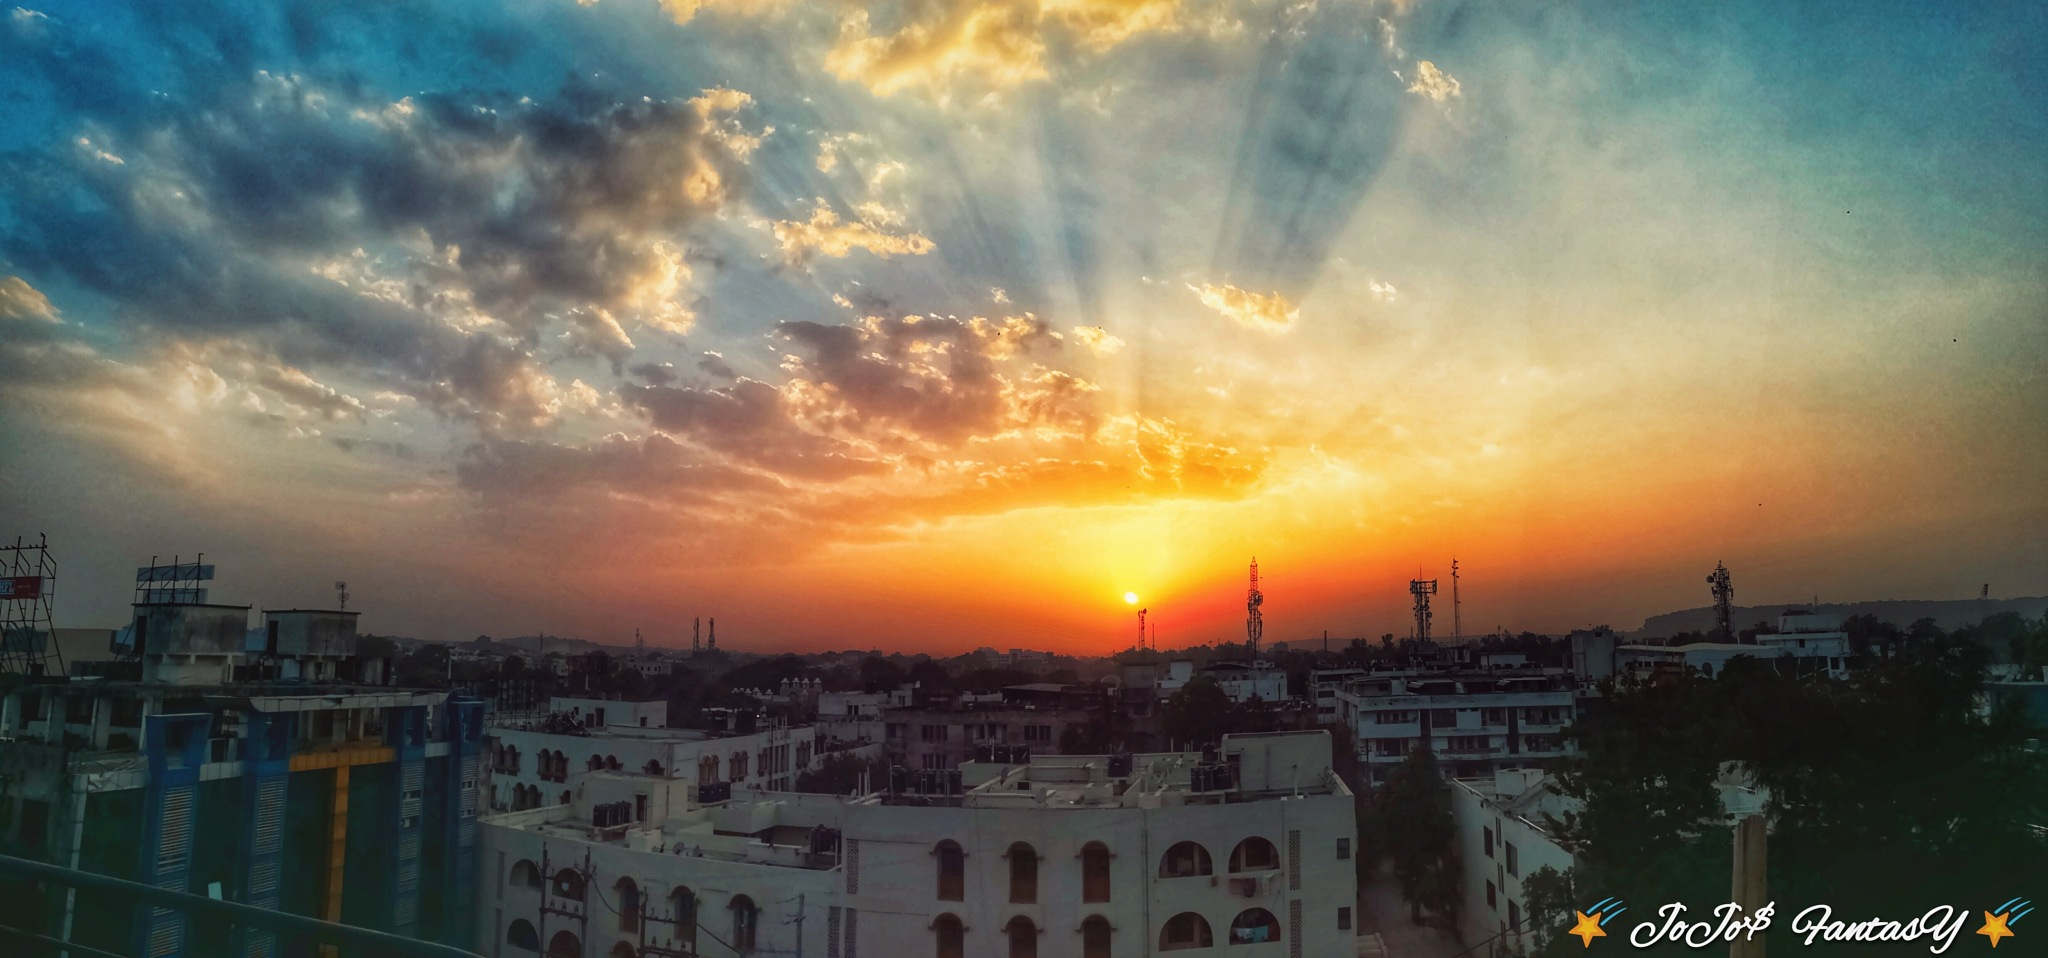 Sunsets beautifully by lijojose185